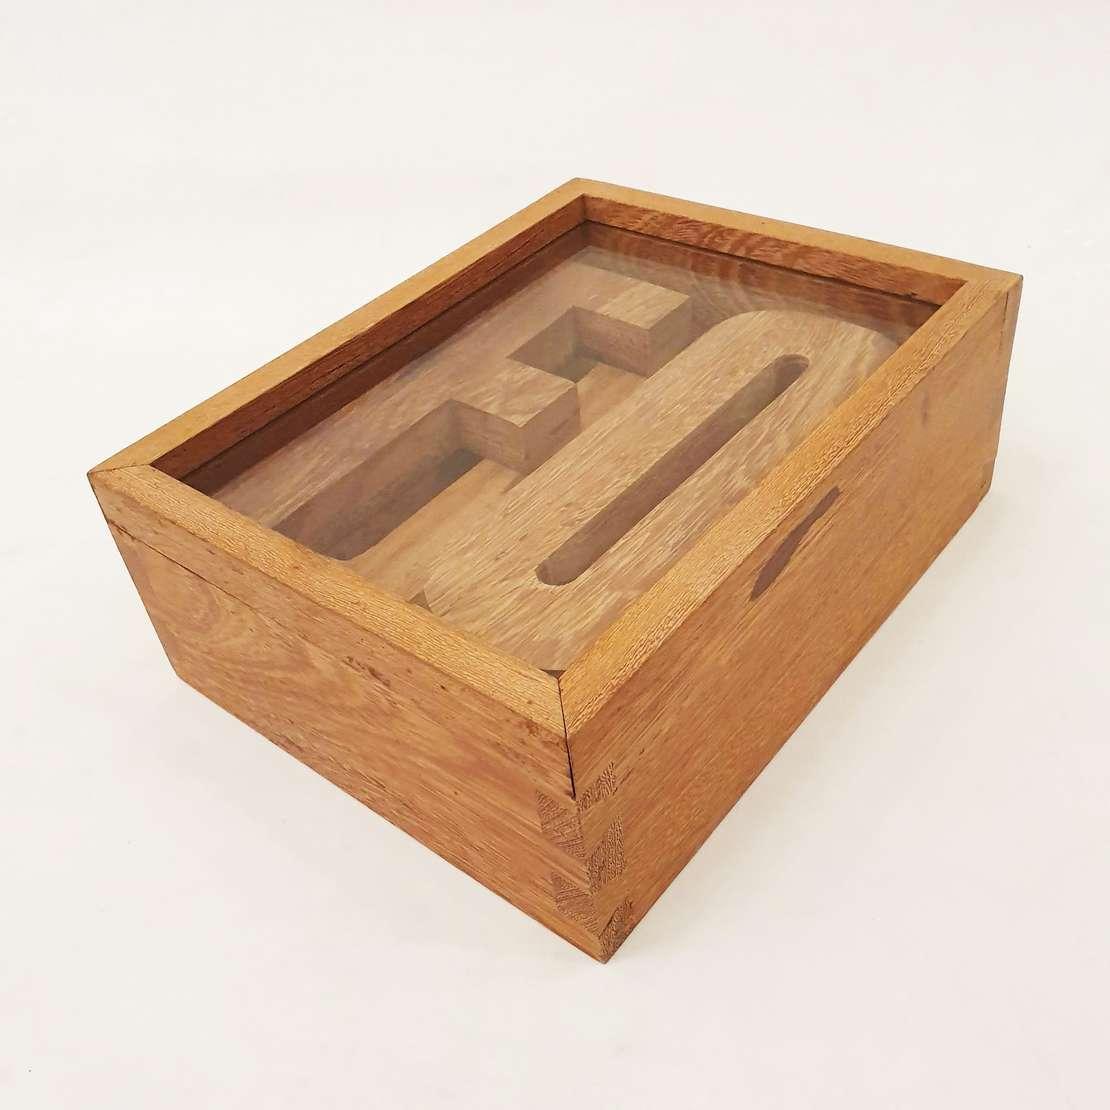 """Raul Mourão (1967), Foda-se, 1996-2002 - Objeto para instalçao comosto por letras recortadas de madeira que formam a palavra """" FODA-SE"""" desmontadas em caixa de madeira.<br>Medida apresentada"""